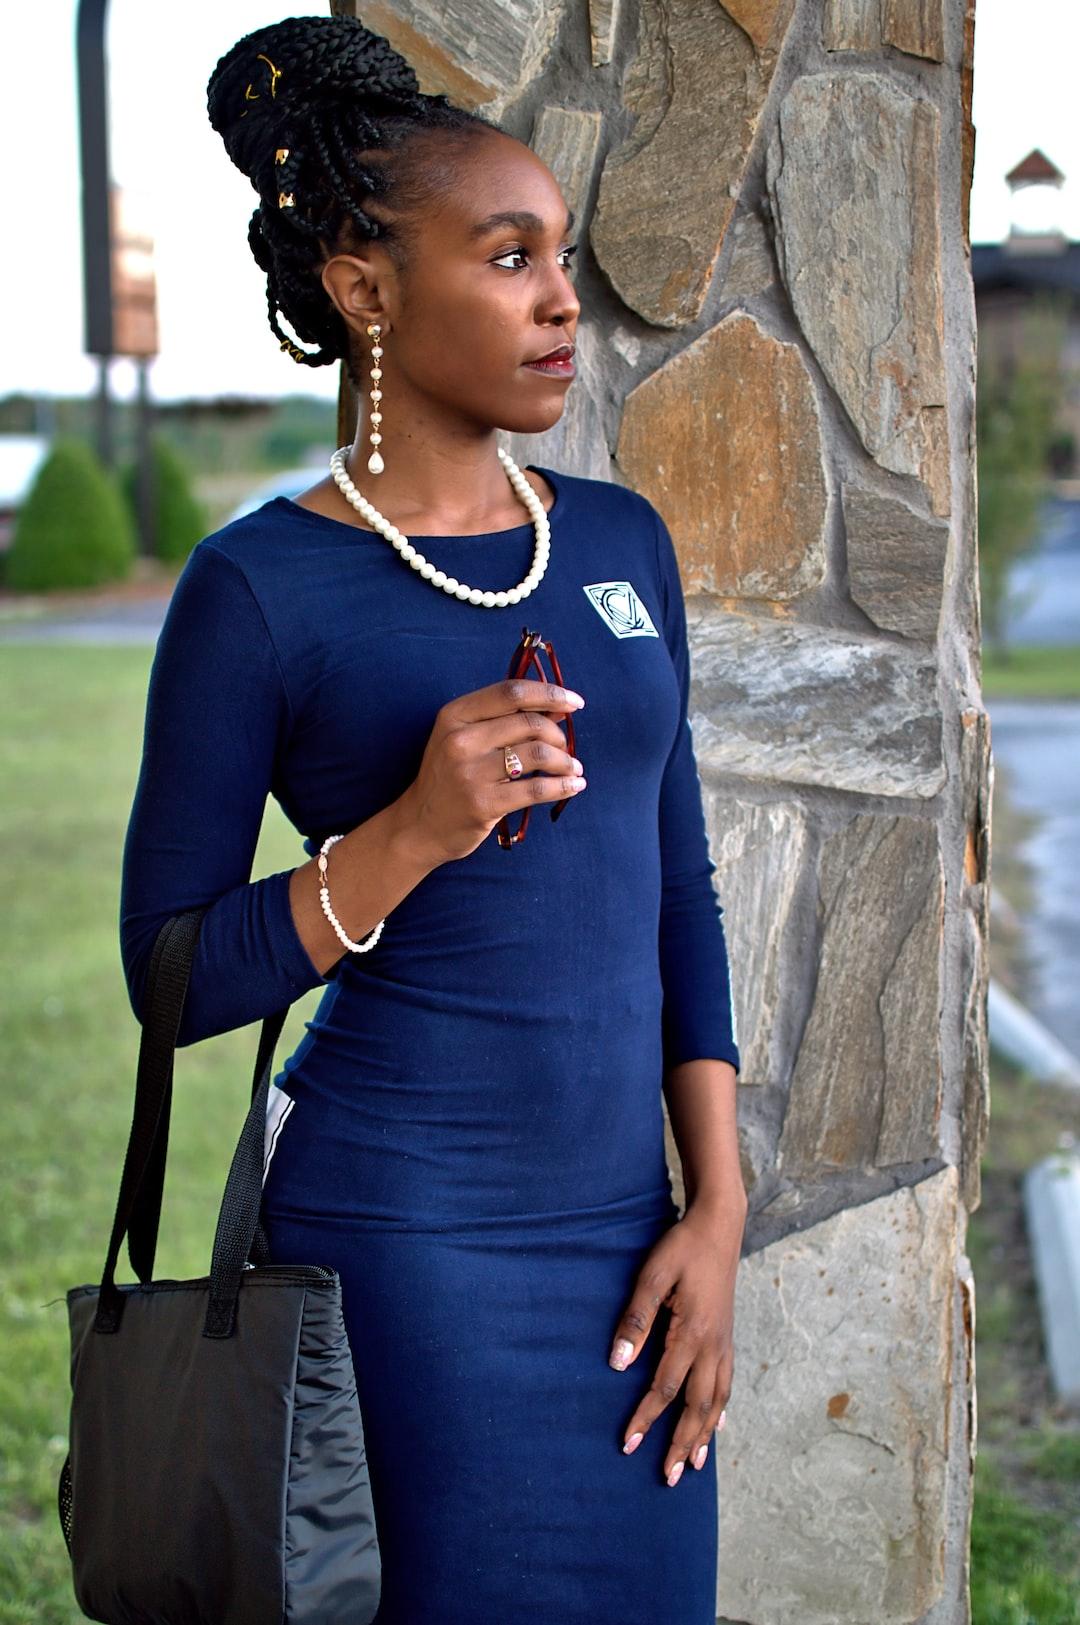 VaVichi Queen Shonoda McMillian in VaVichi Exquisitely Refined 3/4 sleeve Dress